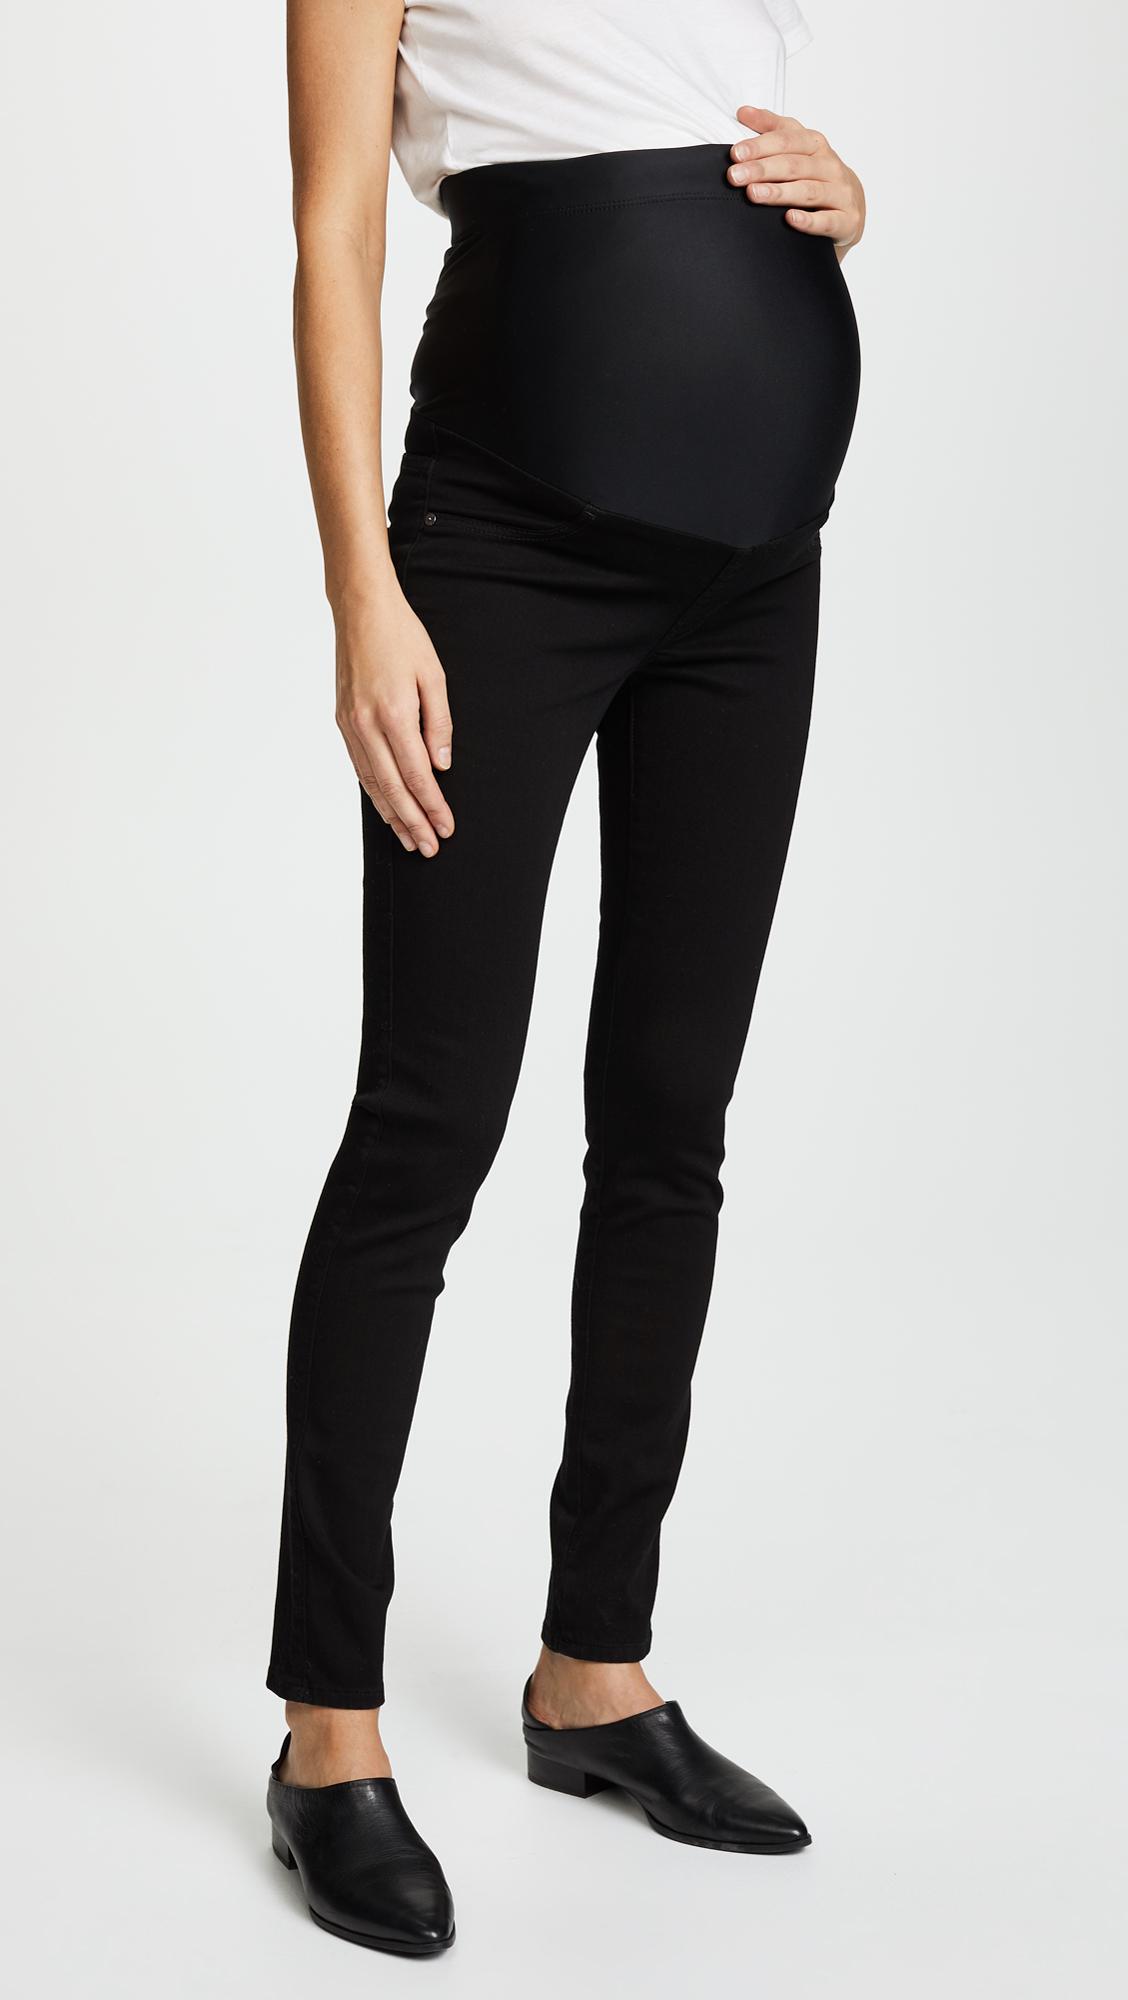 Twiggy Maternity Skinny Jeans